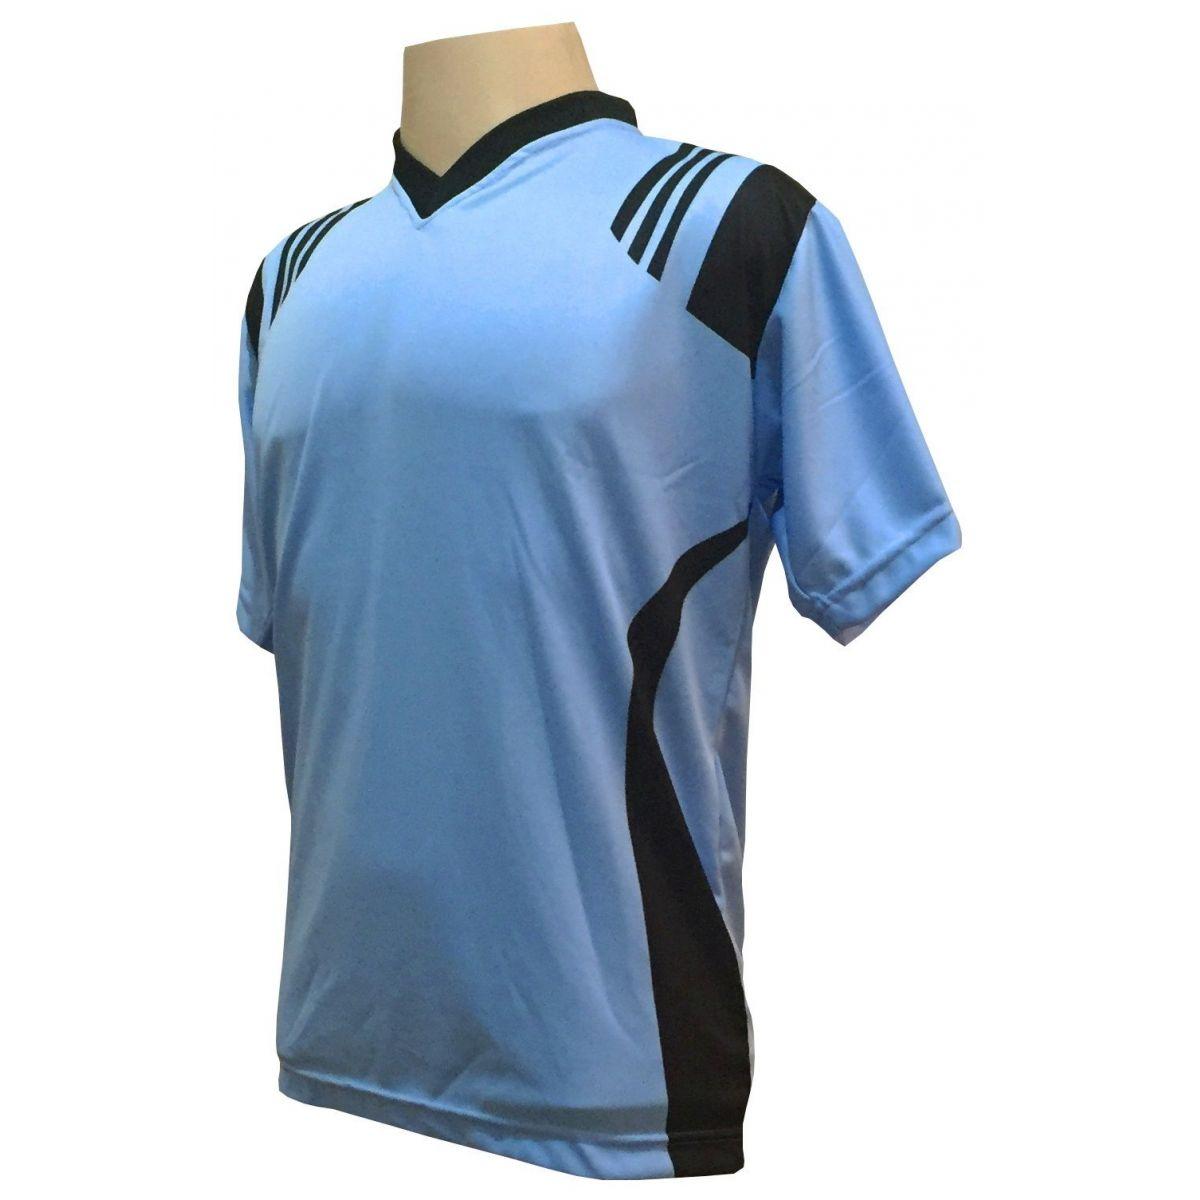 Jogo de Camisa com 18 unidades modelo Roma Celeste/Preto + Brindes